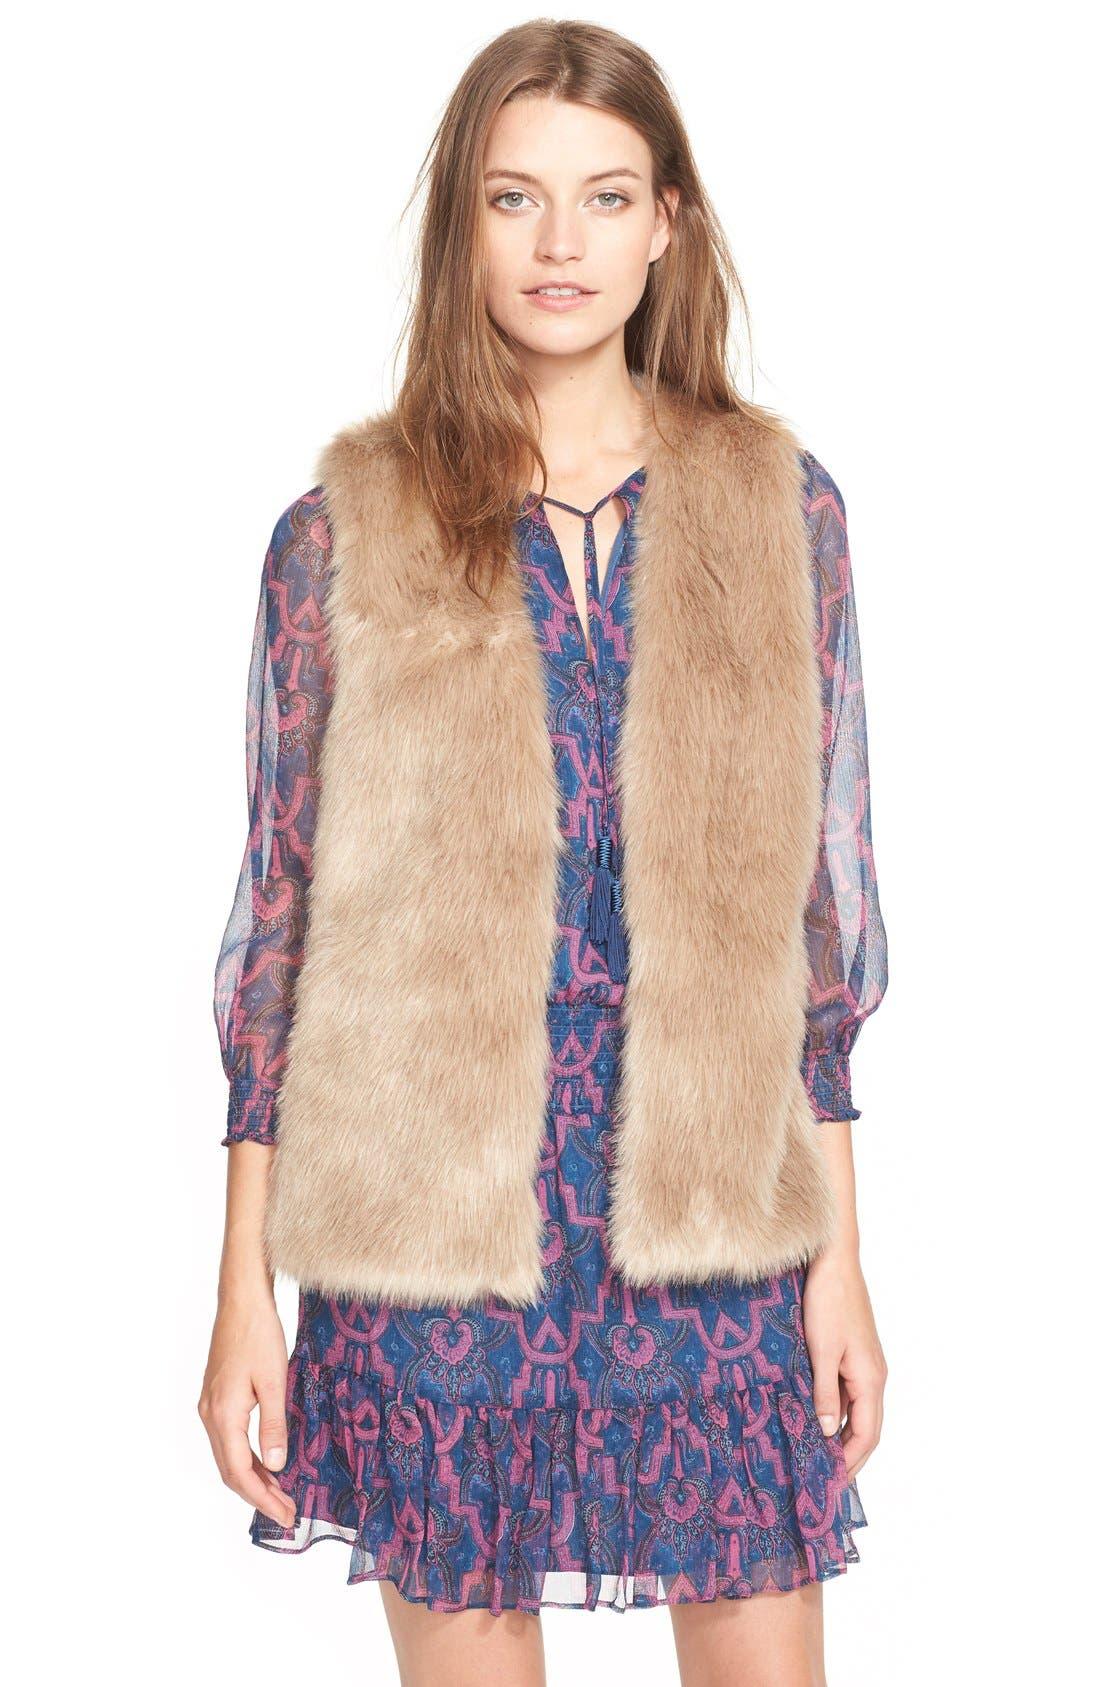 'Nimoy' Faux Fur Vest,                             Main thumbnail 1, color,                             340